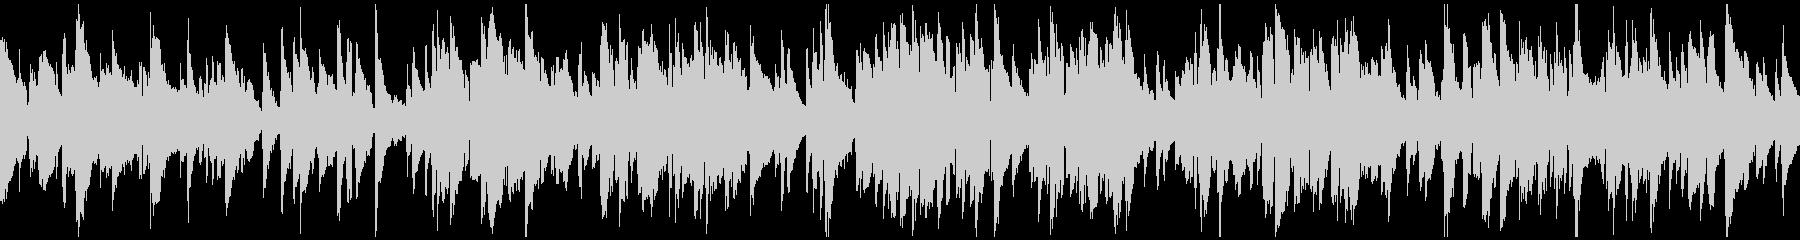 ゆったりくつろぎの癒し系ジャズ※ループ版の未再生の波形